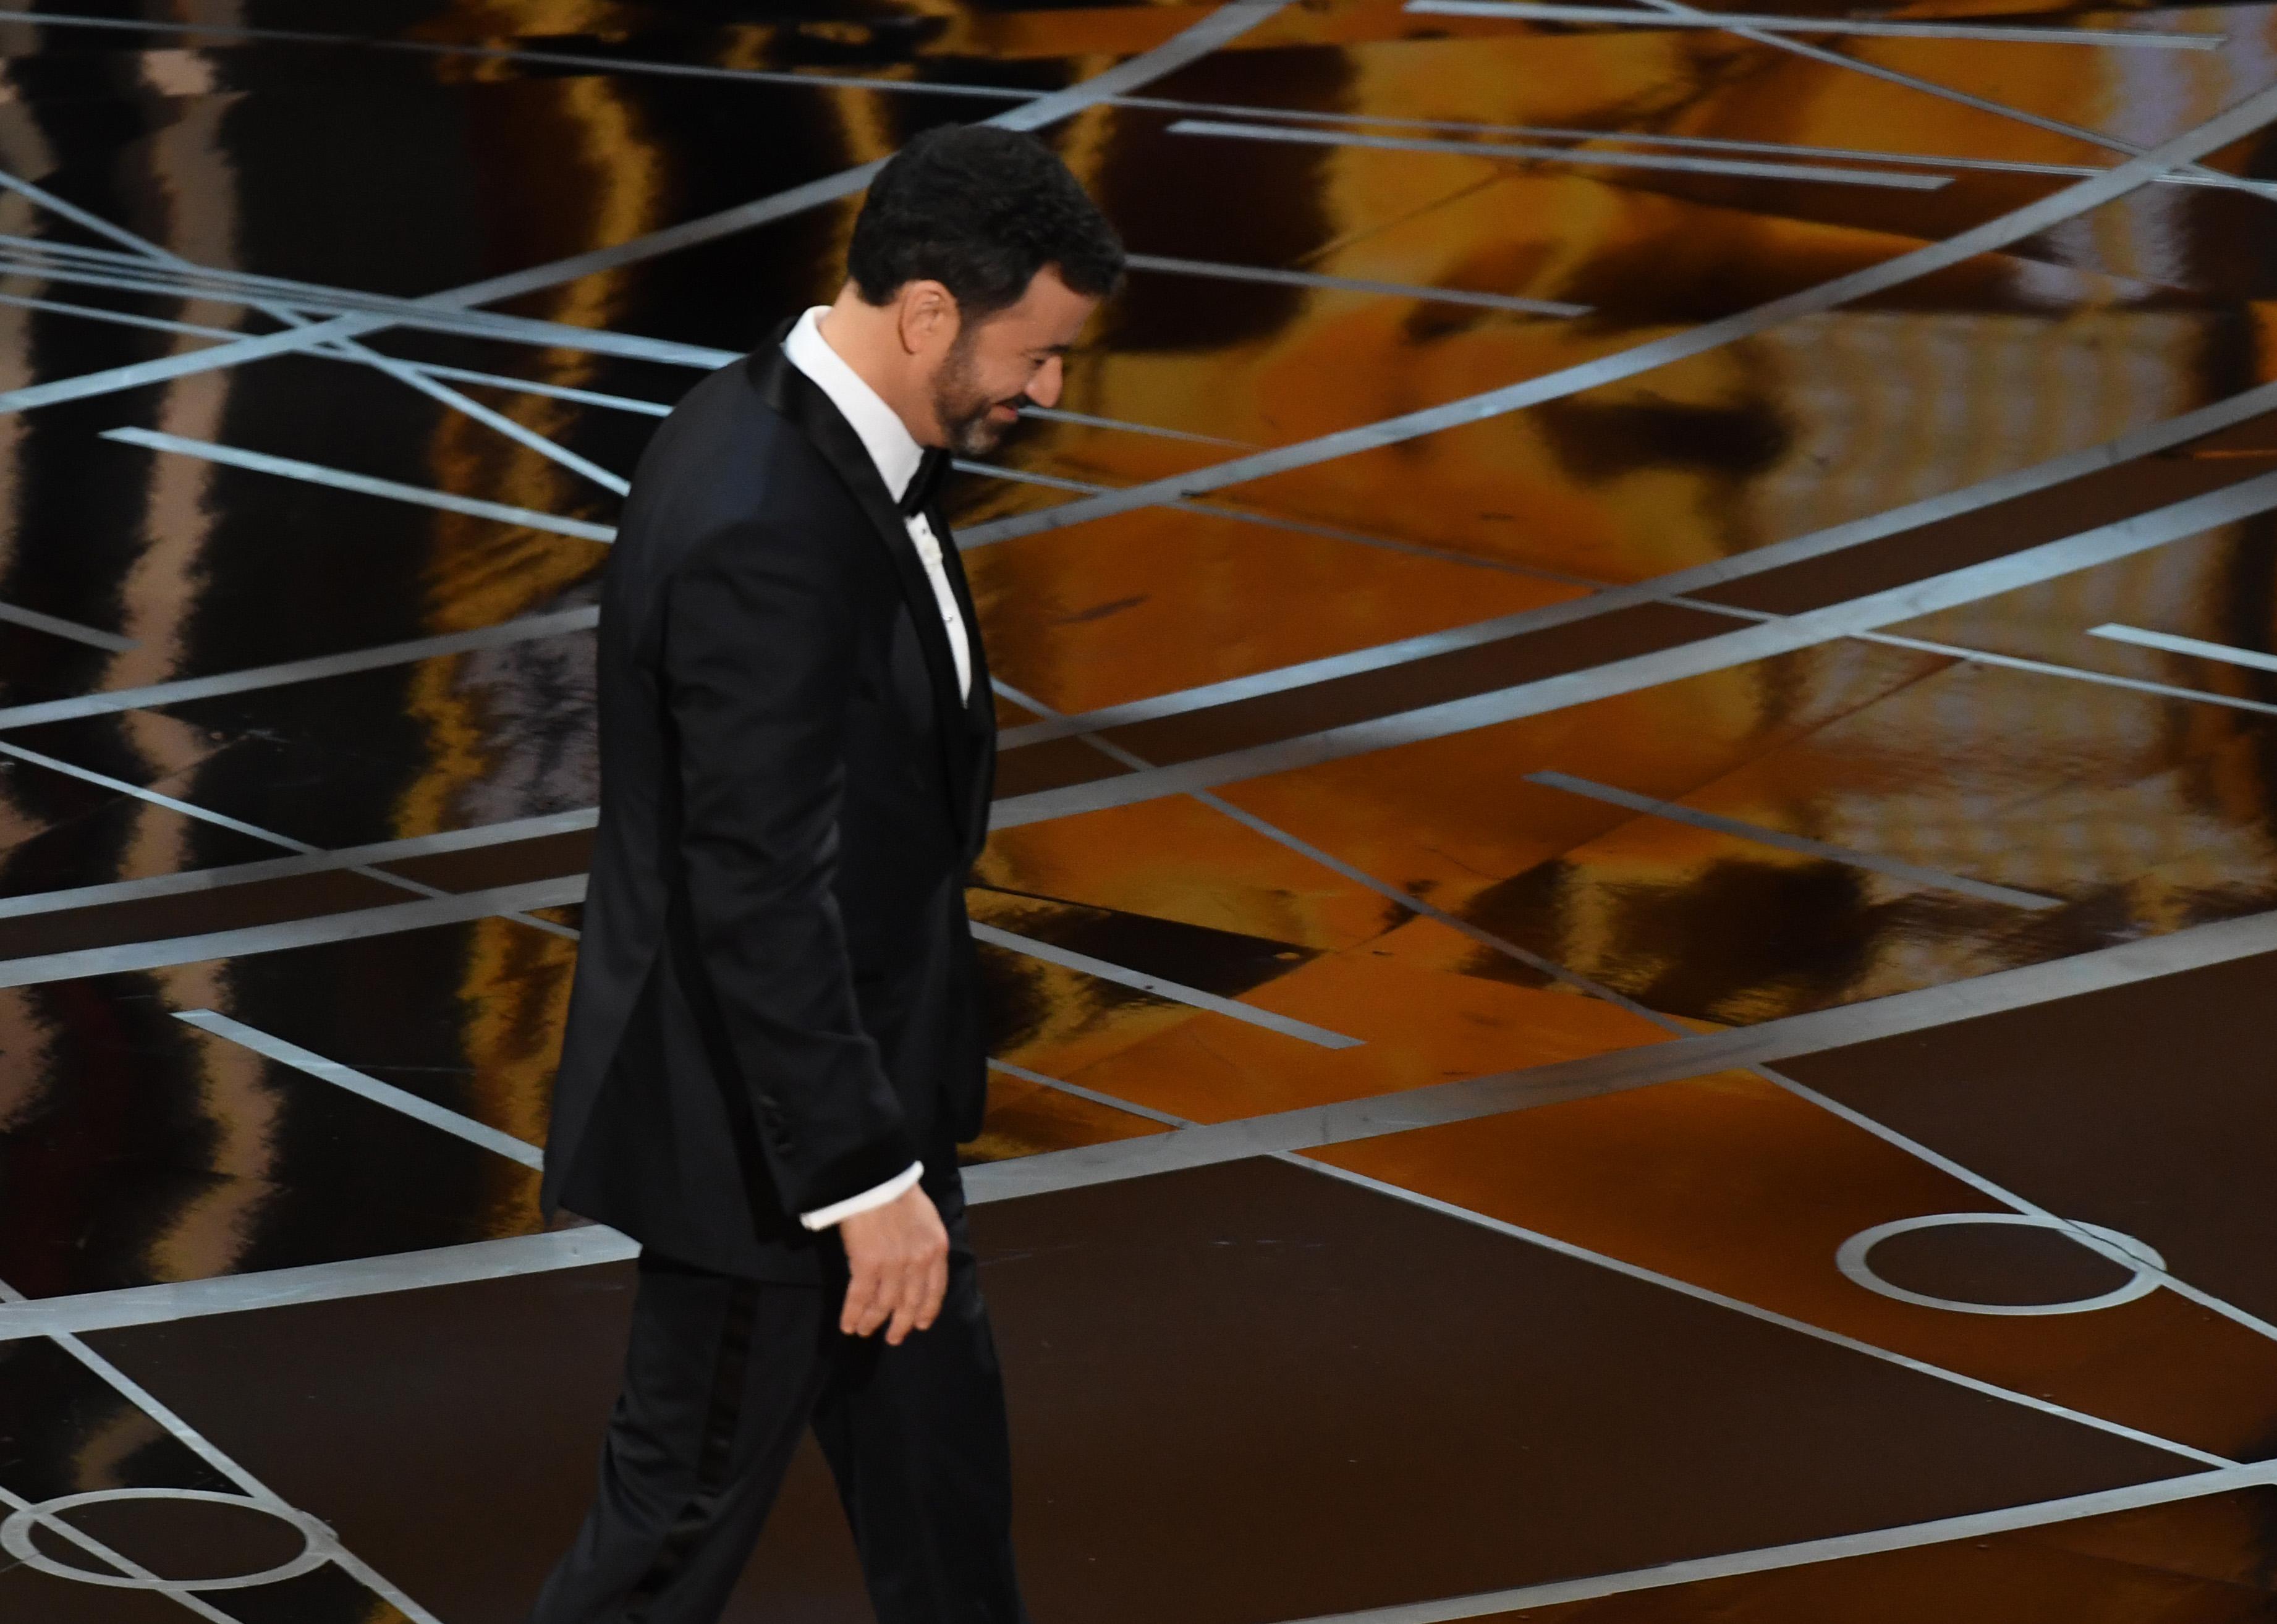 Jimmy Kimmel verlässt beschämt die Bühne